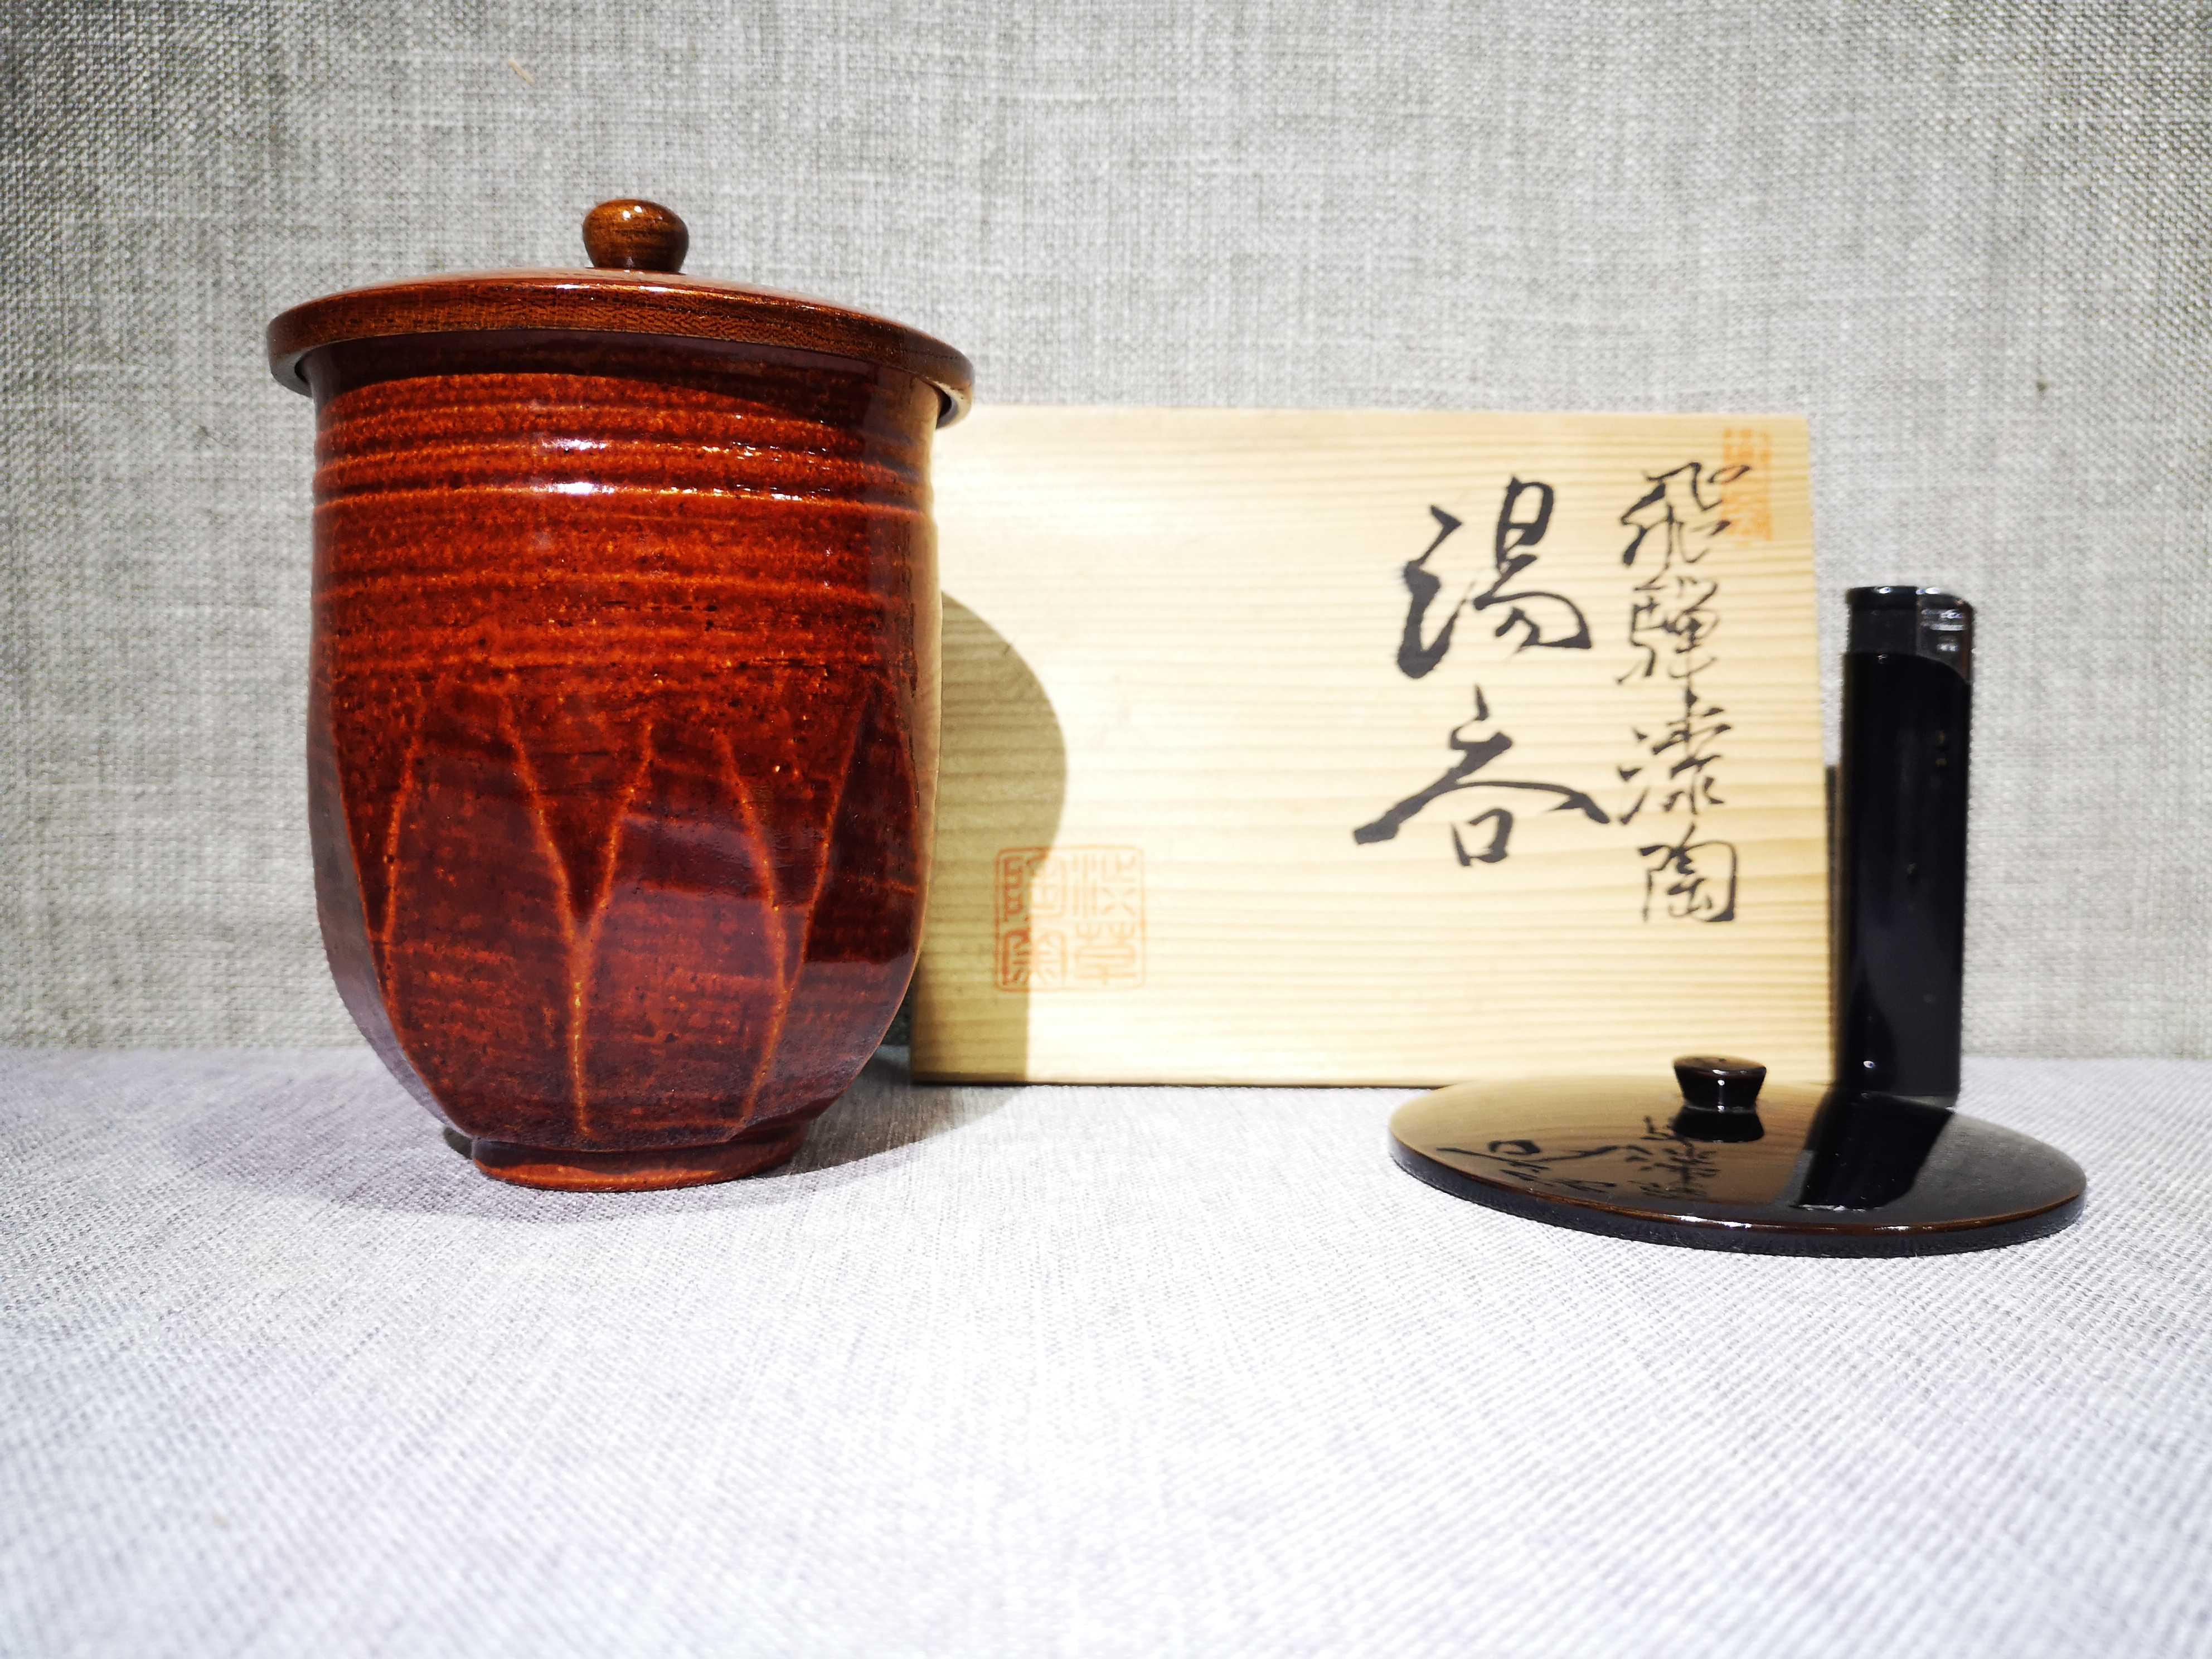 日本の昭和期の漆と陶の双蓋のスープは主人の杯のお茶の道具の共に箱を飲み込みます。